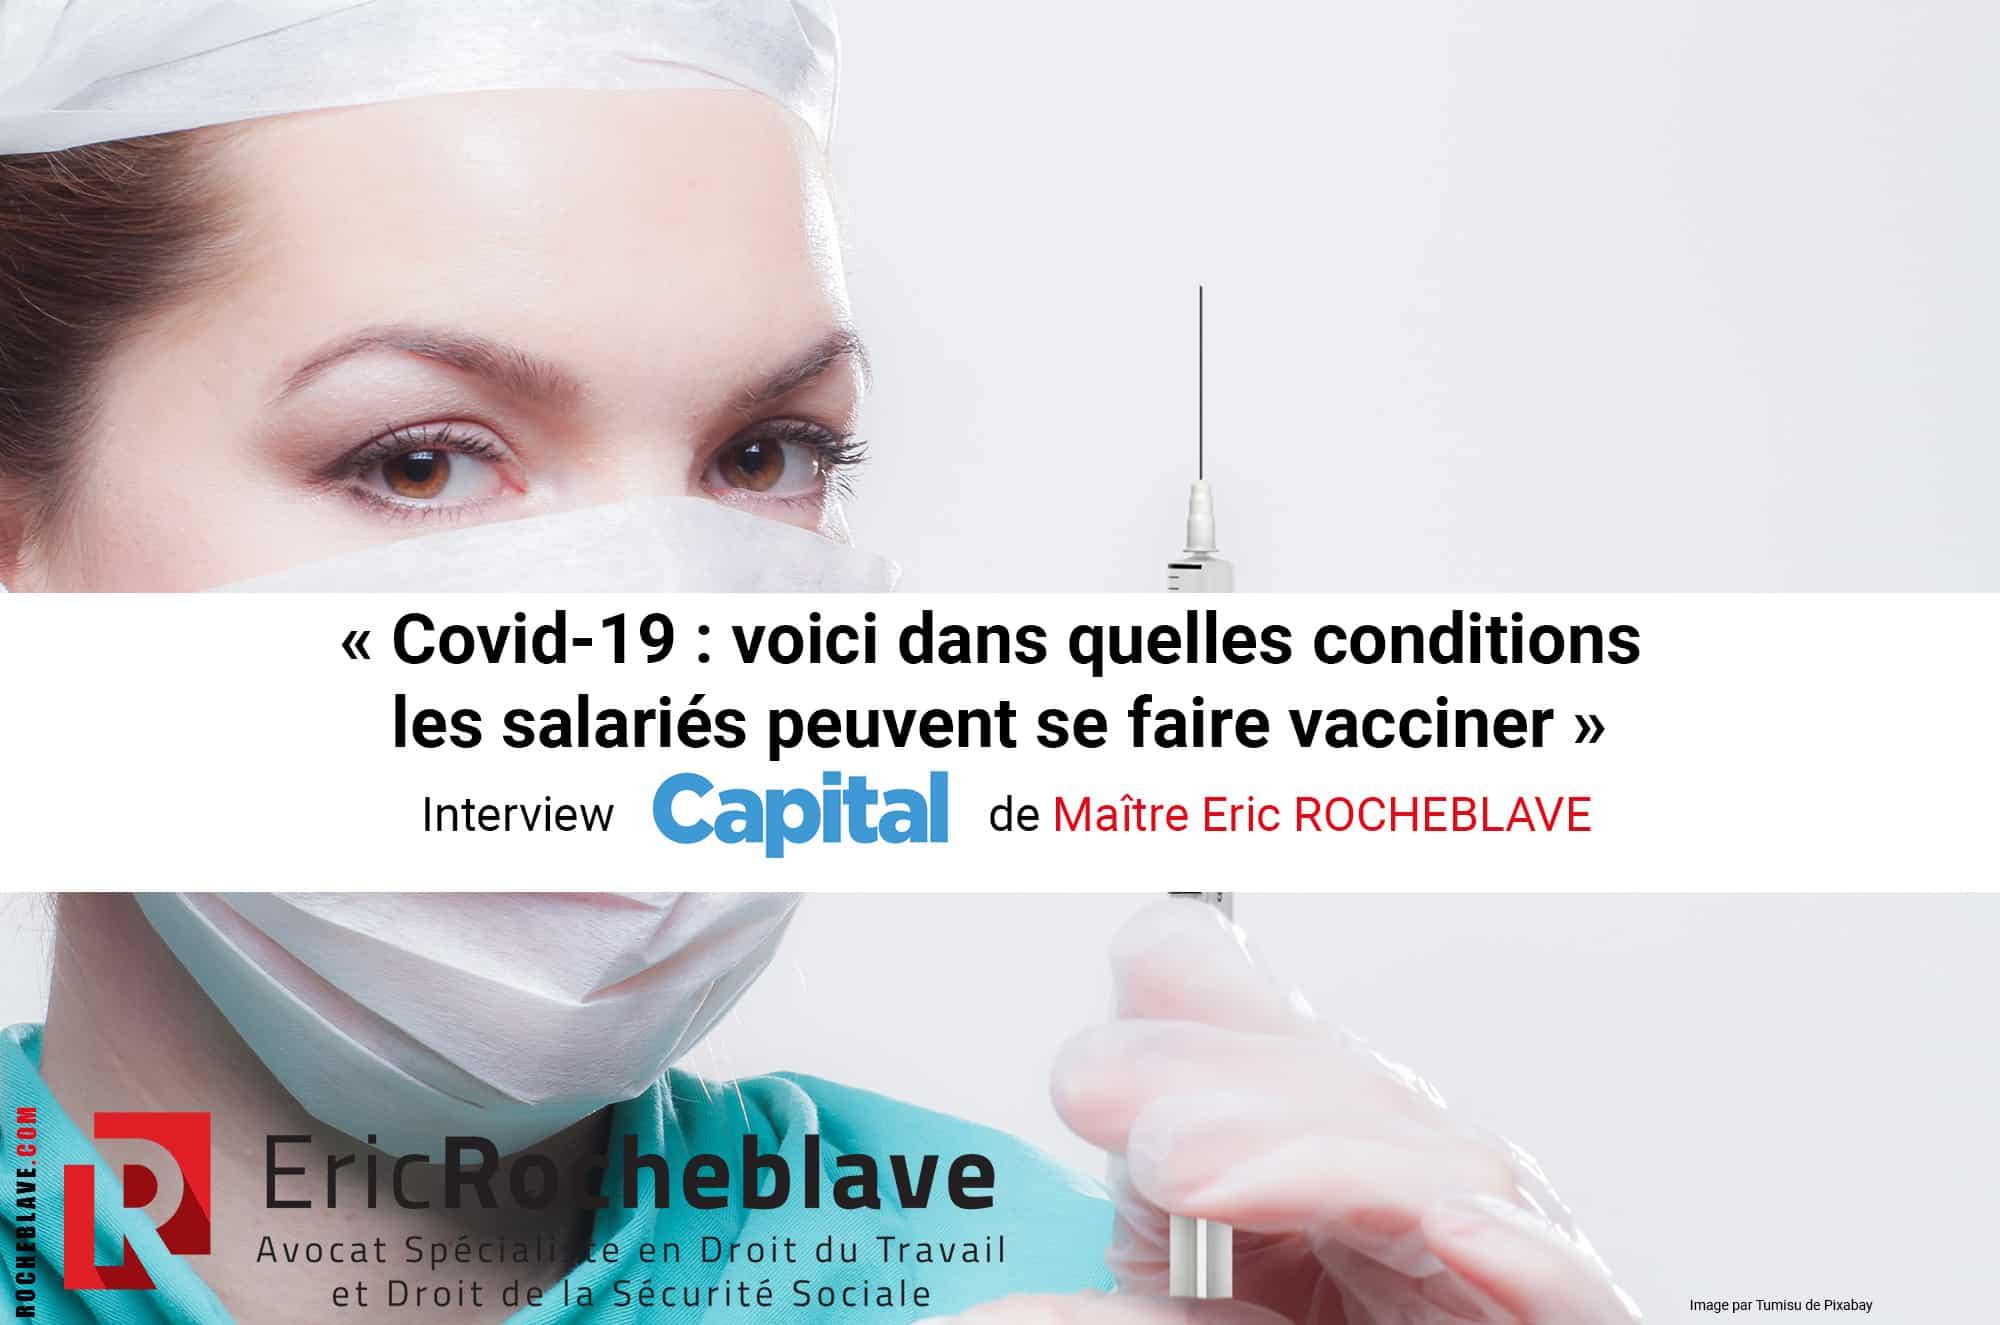 « Covid-19 : voici dans quelles conditions les salariés peuvent se faire vacciner » Interview Capital de Maître Eric ROCHEBLAVE